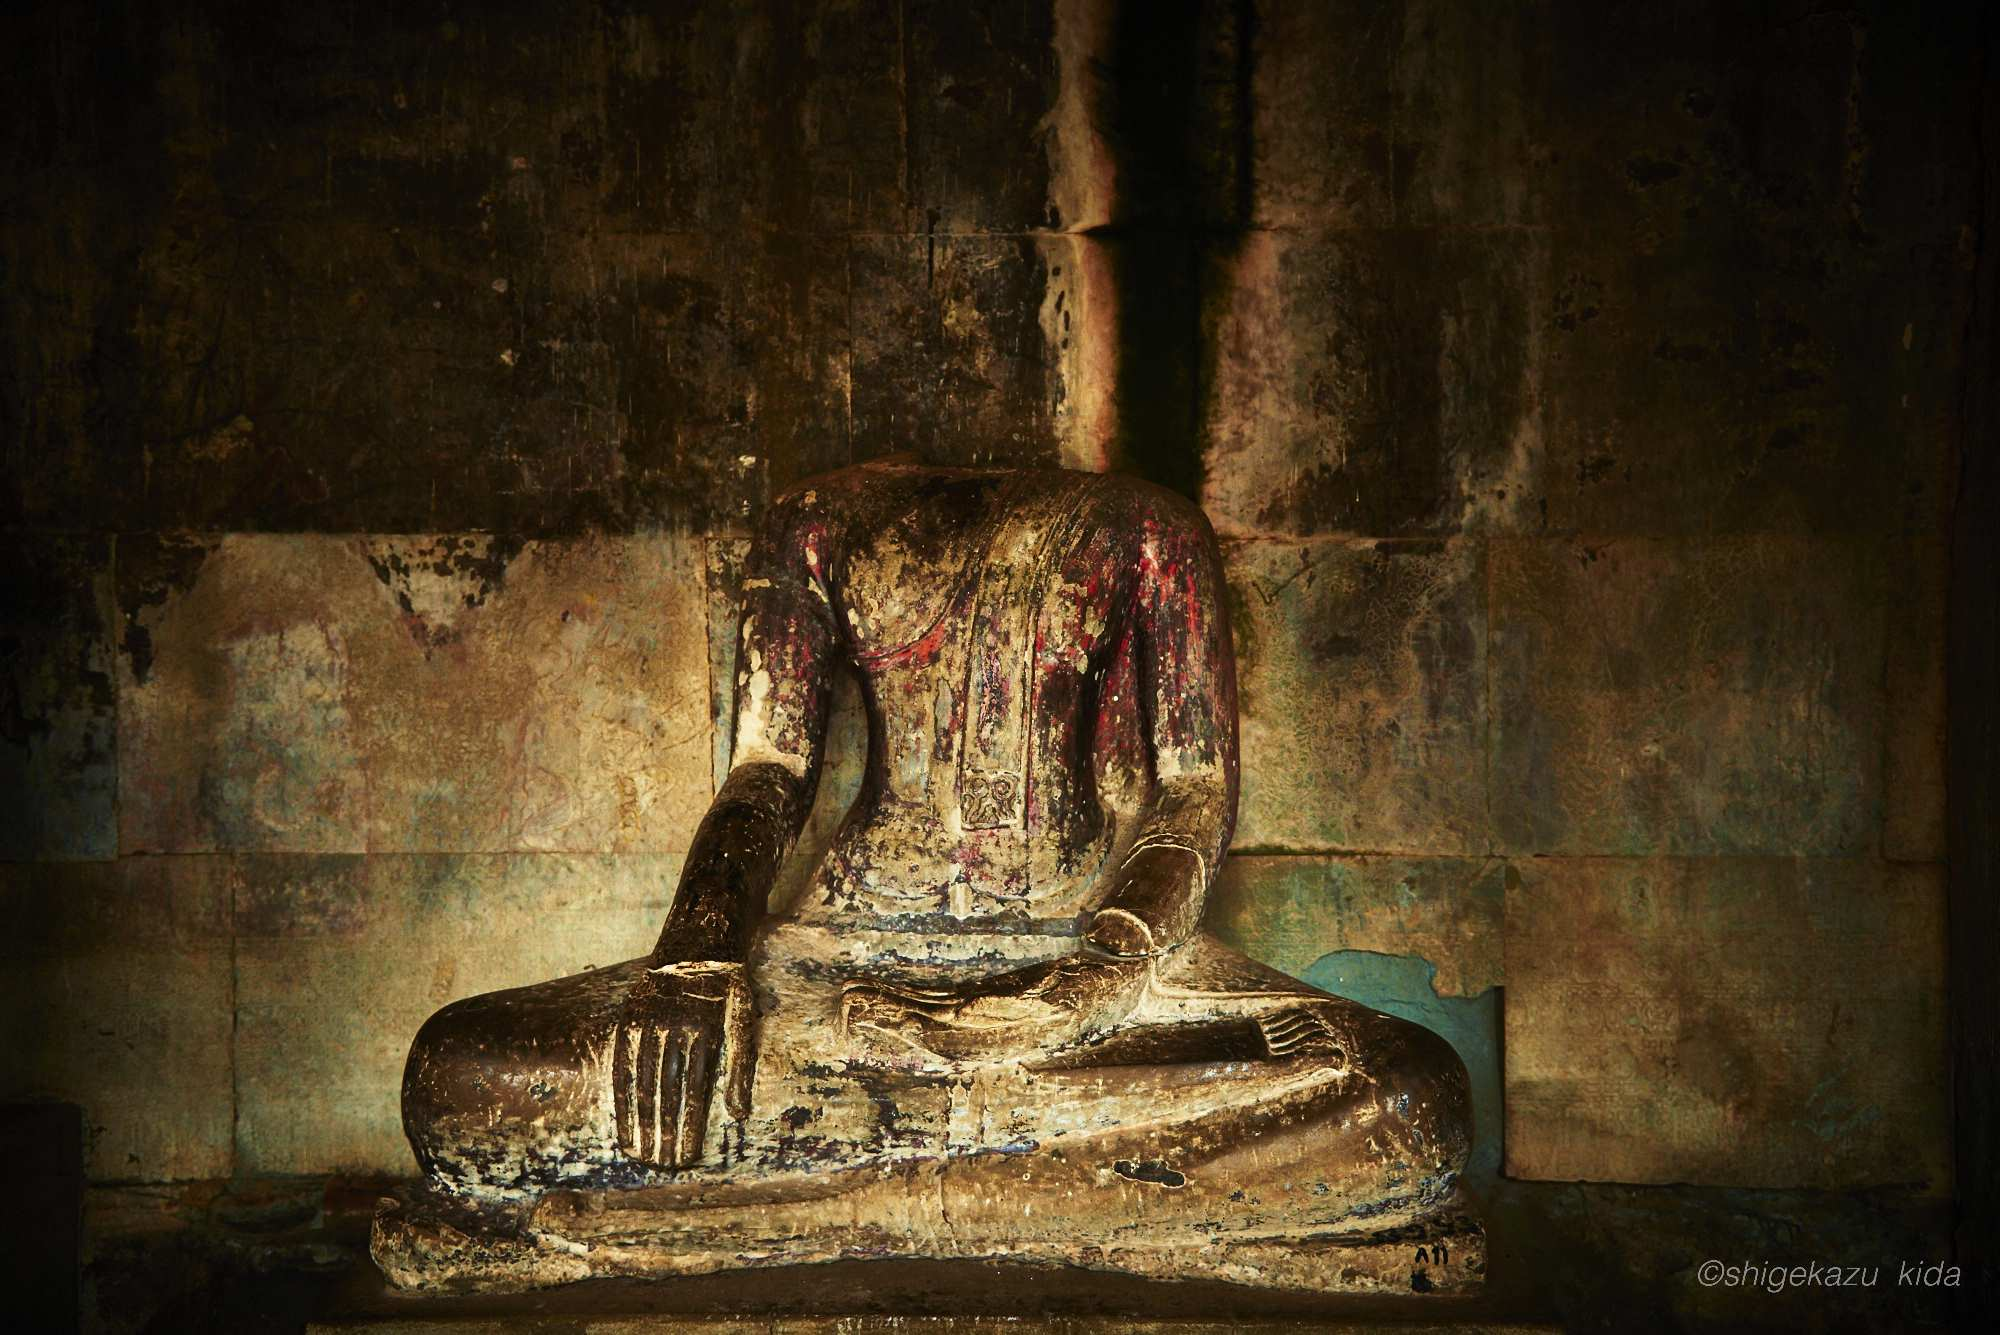 Angkor(アンコール)遺跡群にあるAngkorWat(アンコール・ワット)の首なし石仏・仏像